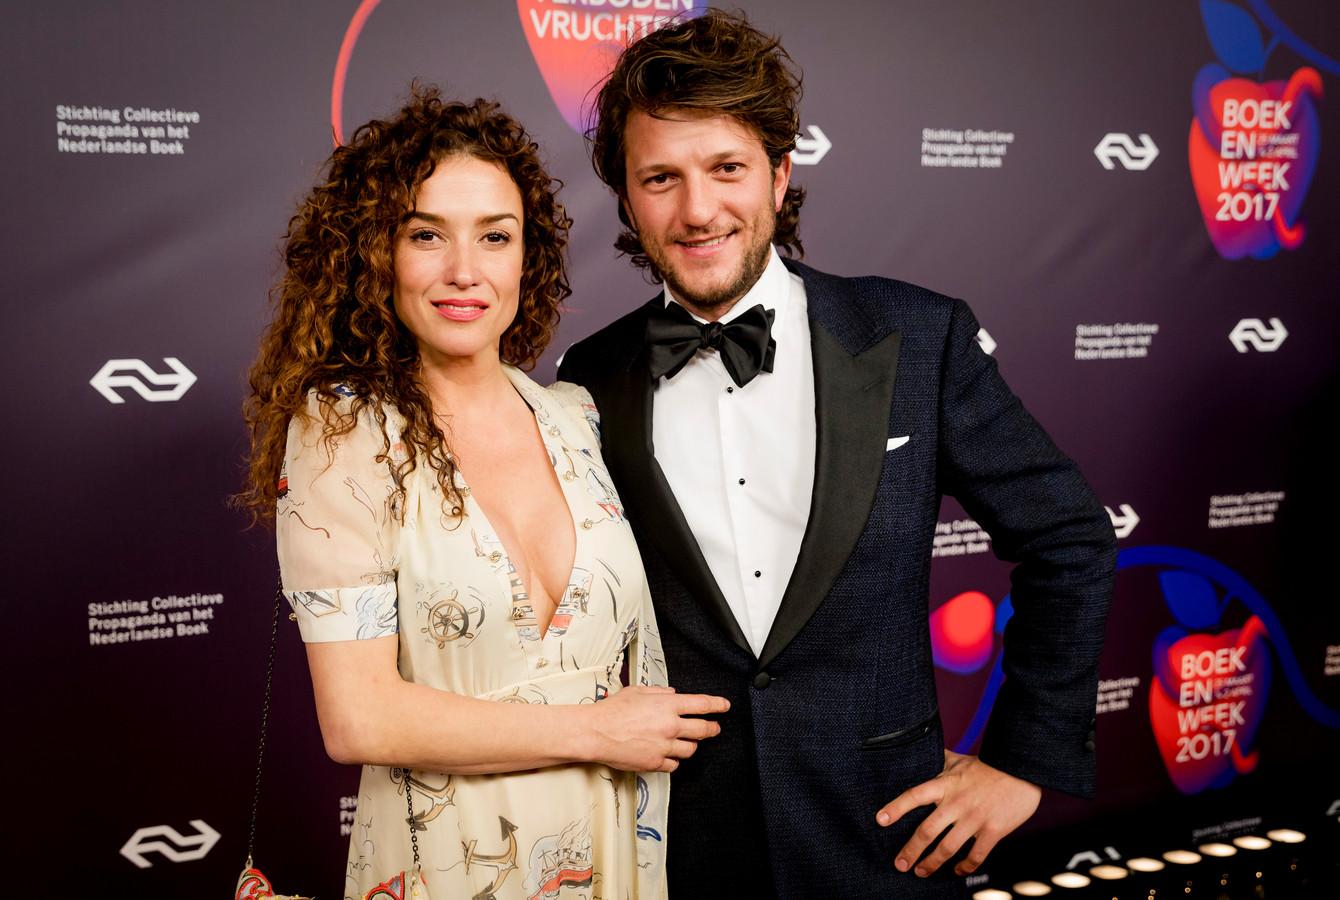 Katja Schuurman met haar vriend op de rode loper tijdens het Boekenbal in Paradiso.